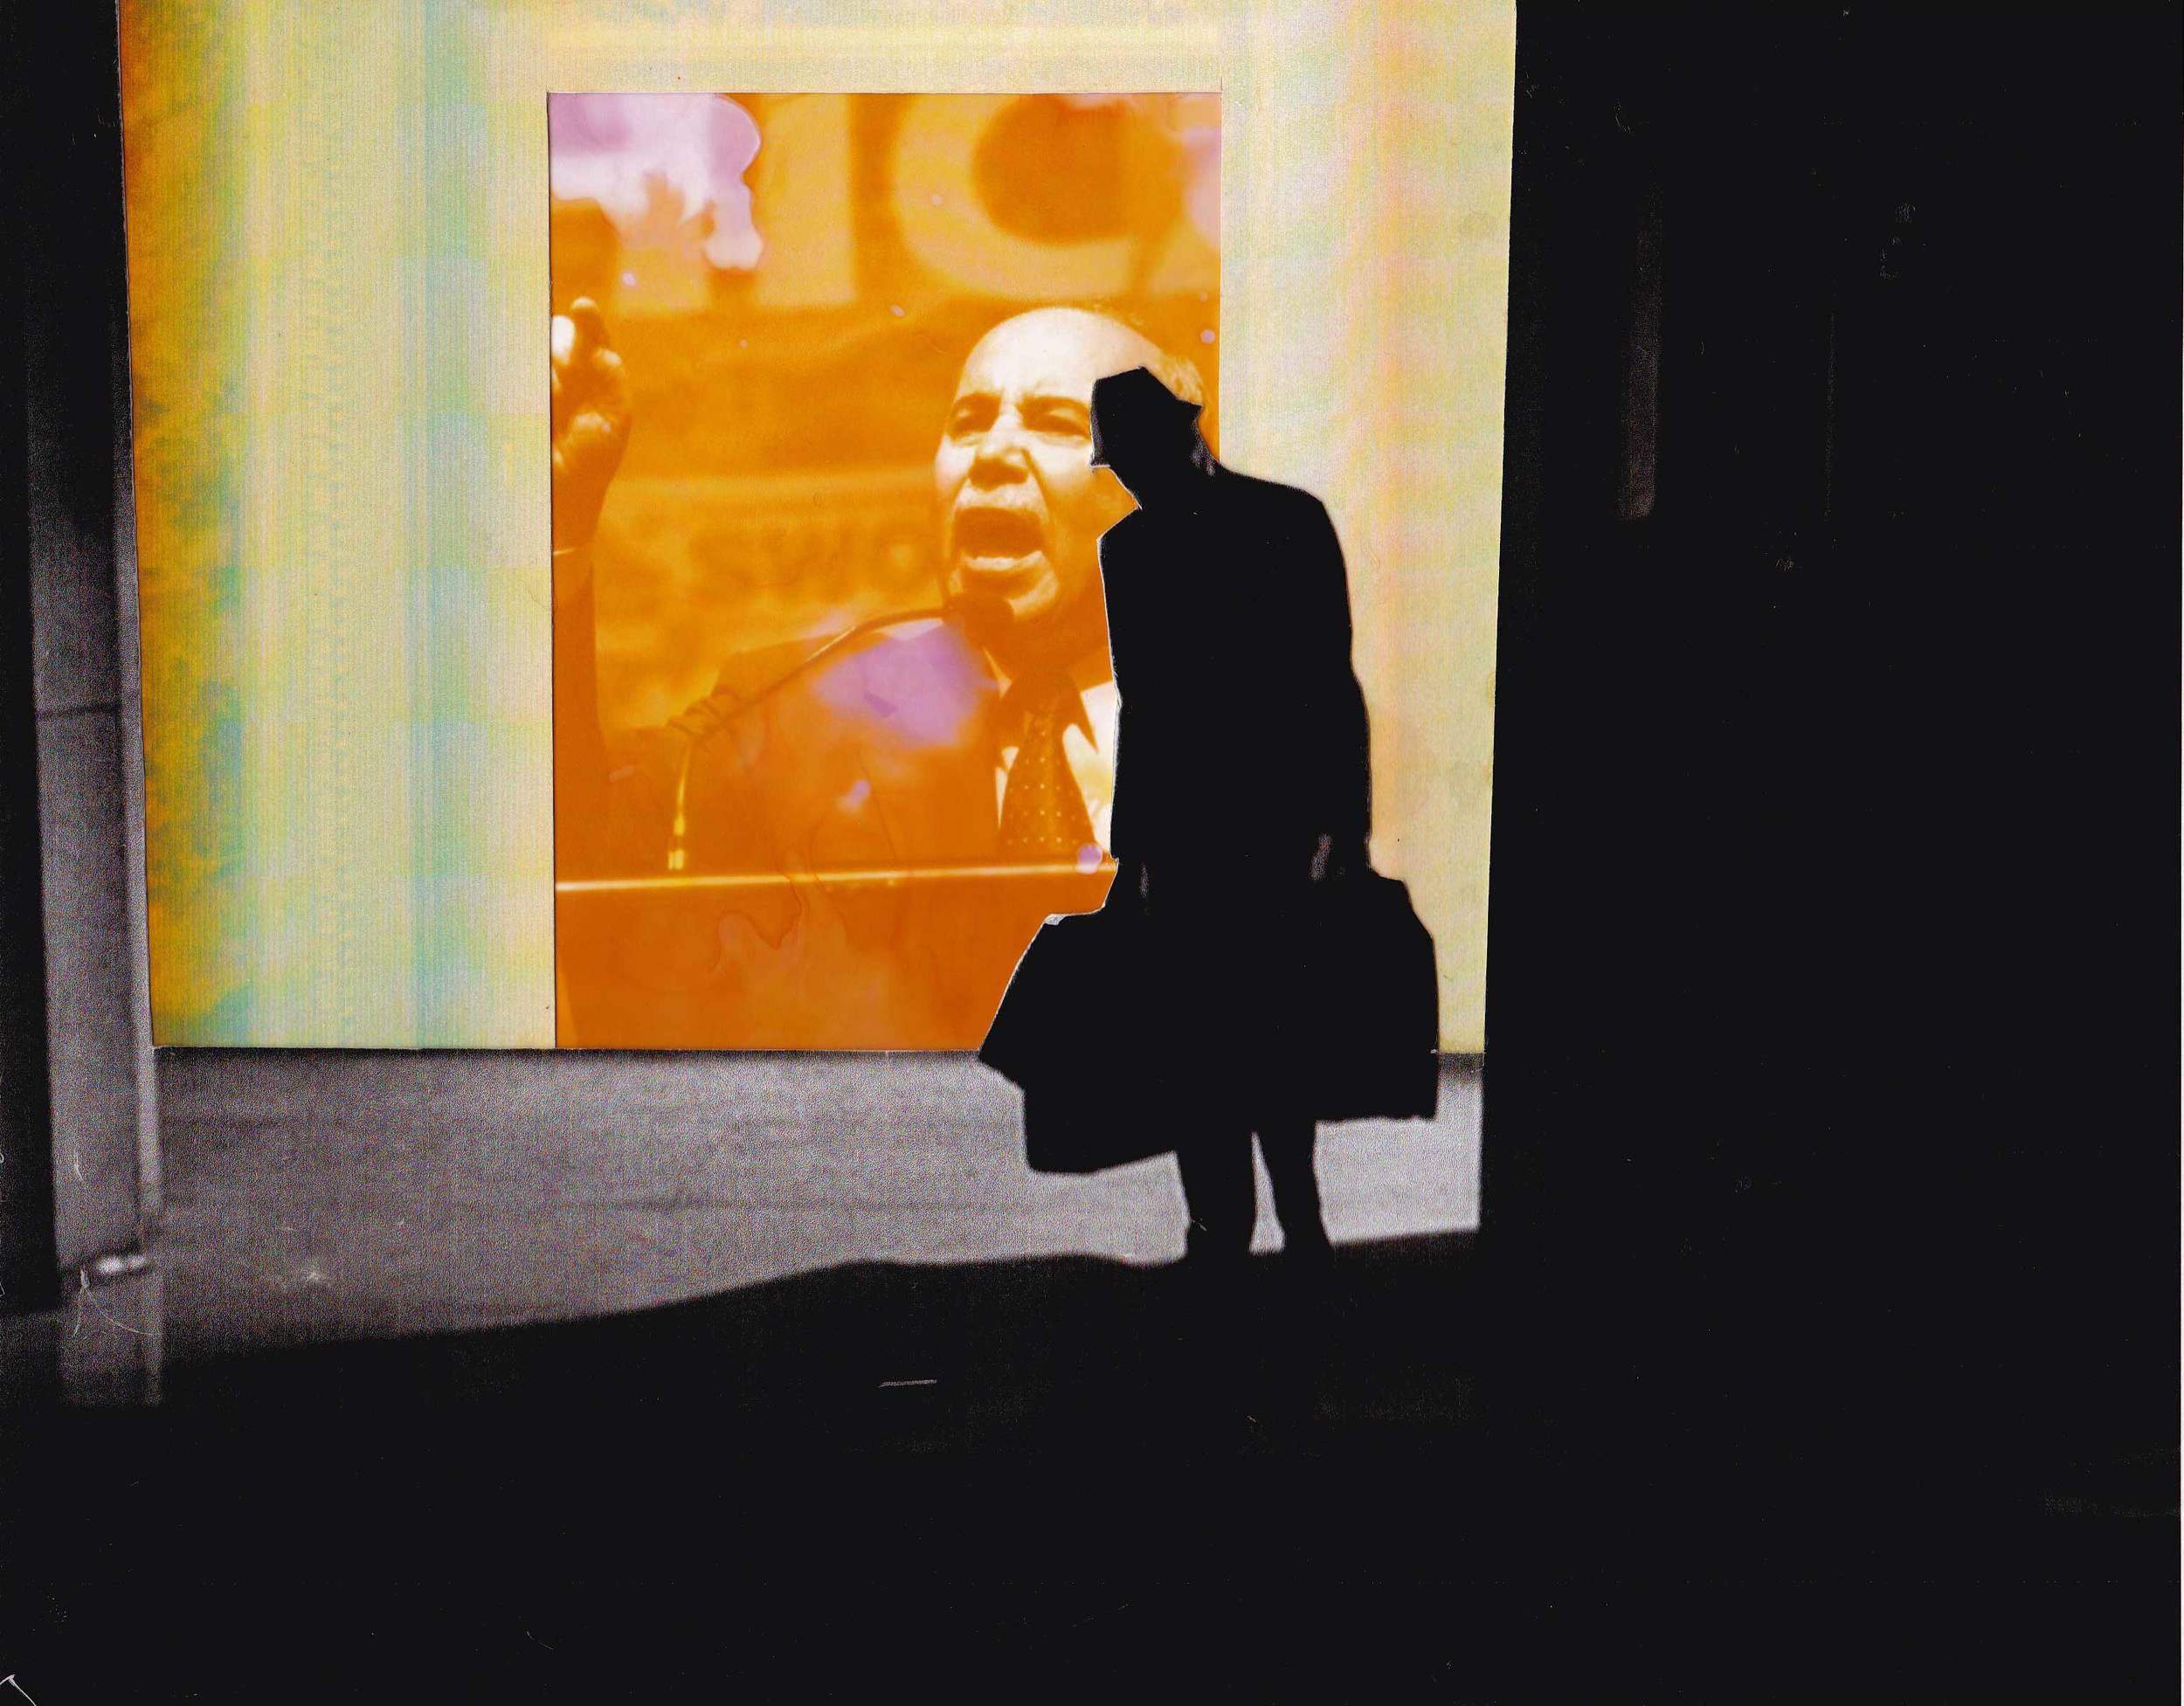 Collage_mrsmith&pop02_0001.jpg